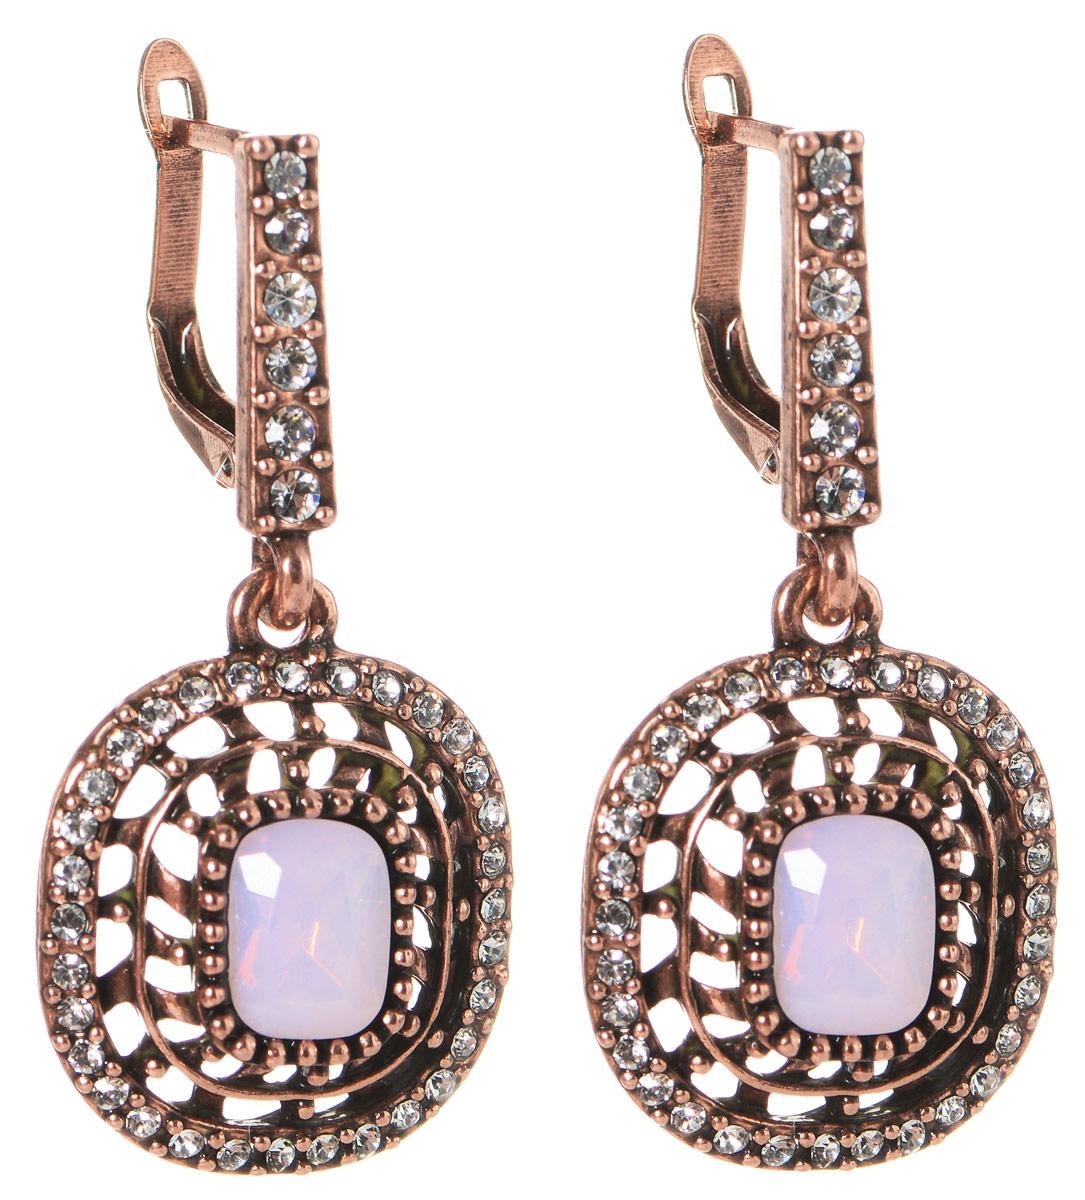 Серьги Art-Silver, цвет: бронзовый, розовый. MS05359E-OC-A-887MS05359E-OC-A-887Оригинальные серьги Art-Silver выполнены из бижутерного сплава с покрытием под бронзу, с легкостью завершат ваш образ. В качестве основы украшения использован английский замок, украшенный цирконами. Серьги дополнены оригинальными подвижными подвесками округлой формы. Изделие инкрустировано кубическим цирконием и в центре дополнено вставкой из пластика, имитирующей натуральный камень. Стильные серьги придадут вашему образу изюминку, подчеркнут красоту и изящество вечернего платья или преобразят повседневный наряд.